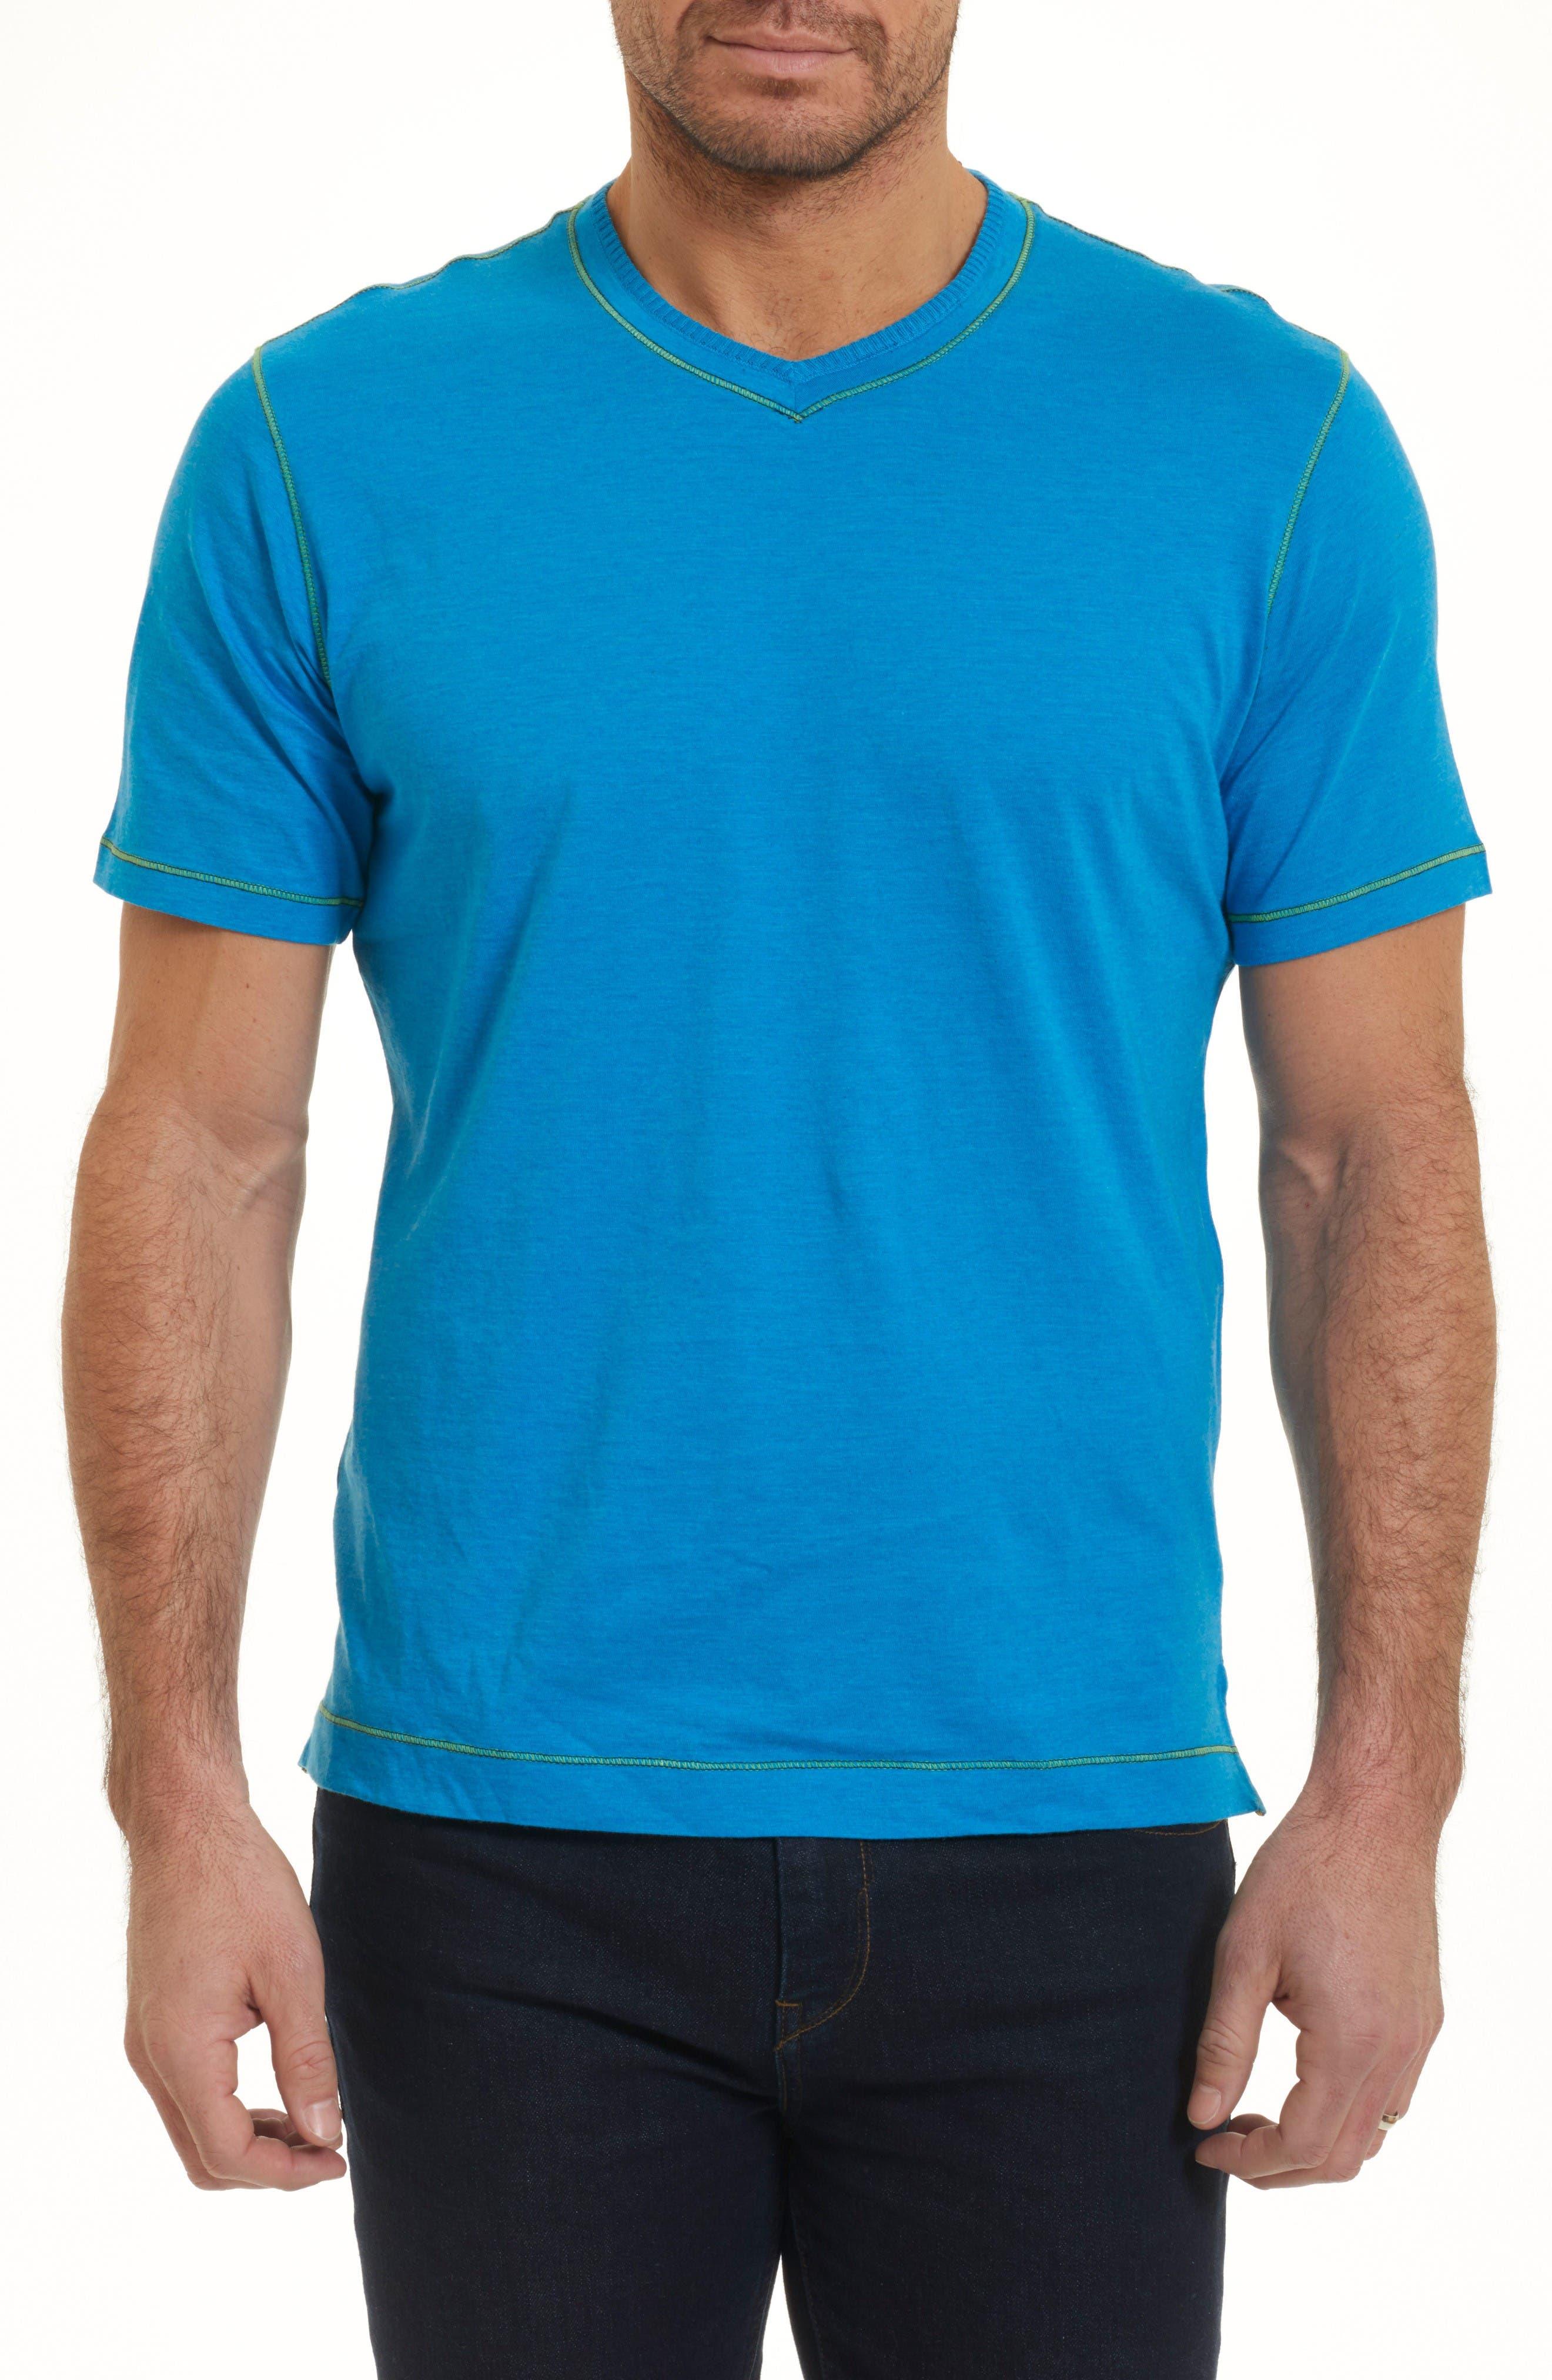 Main Image - Robert Graham Traveler V-Neck T-Shirt